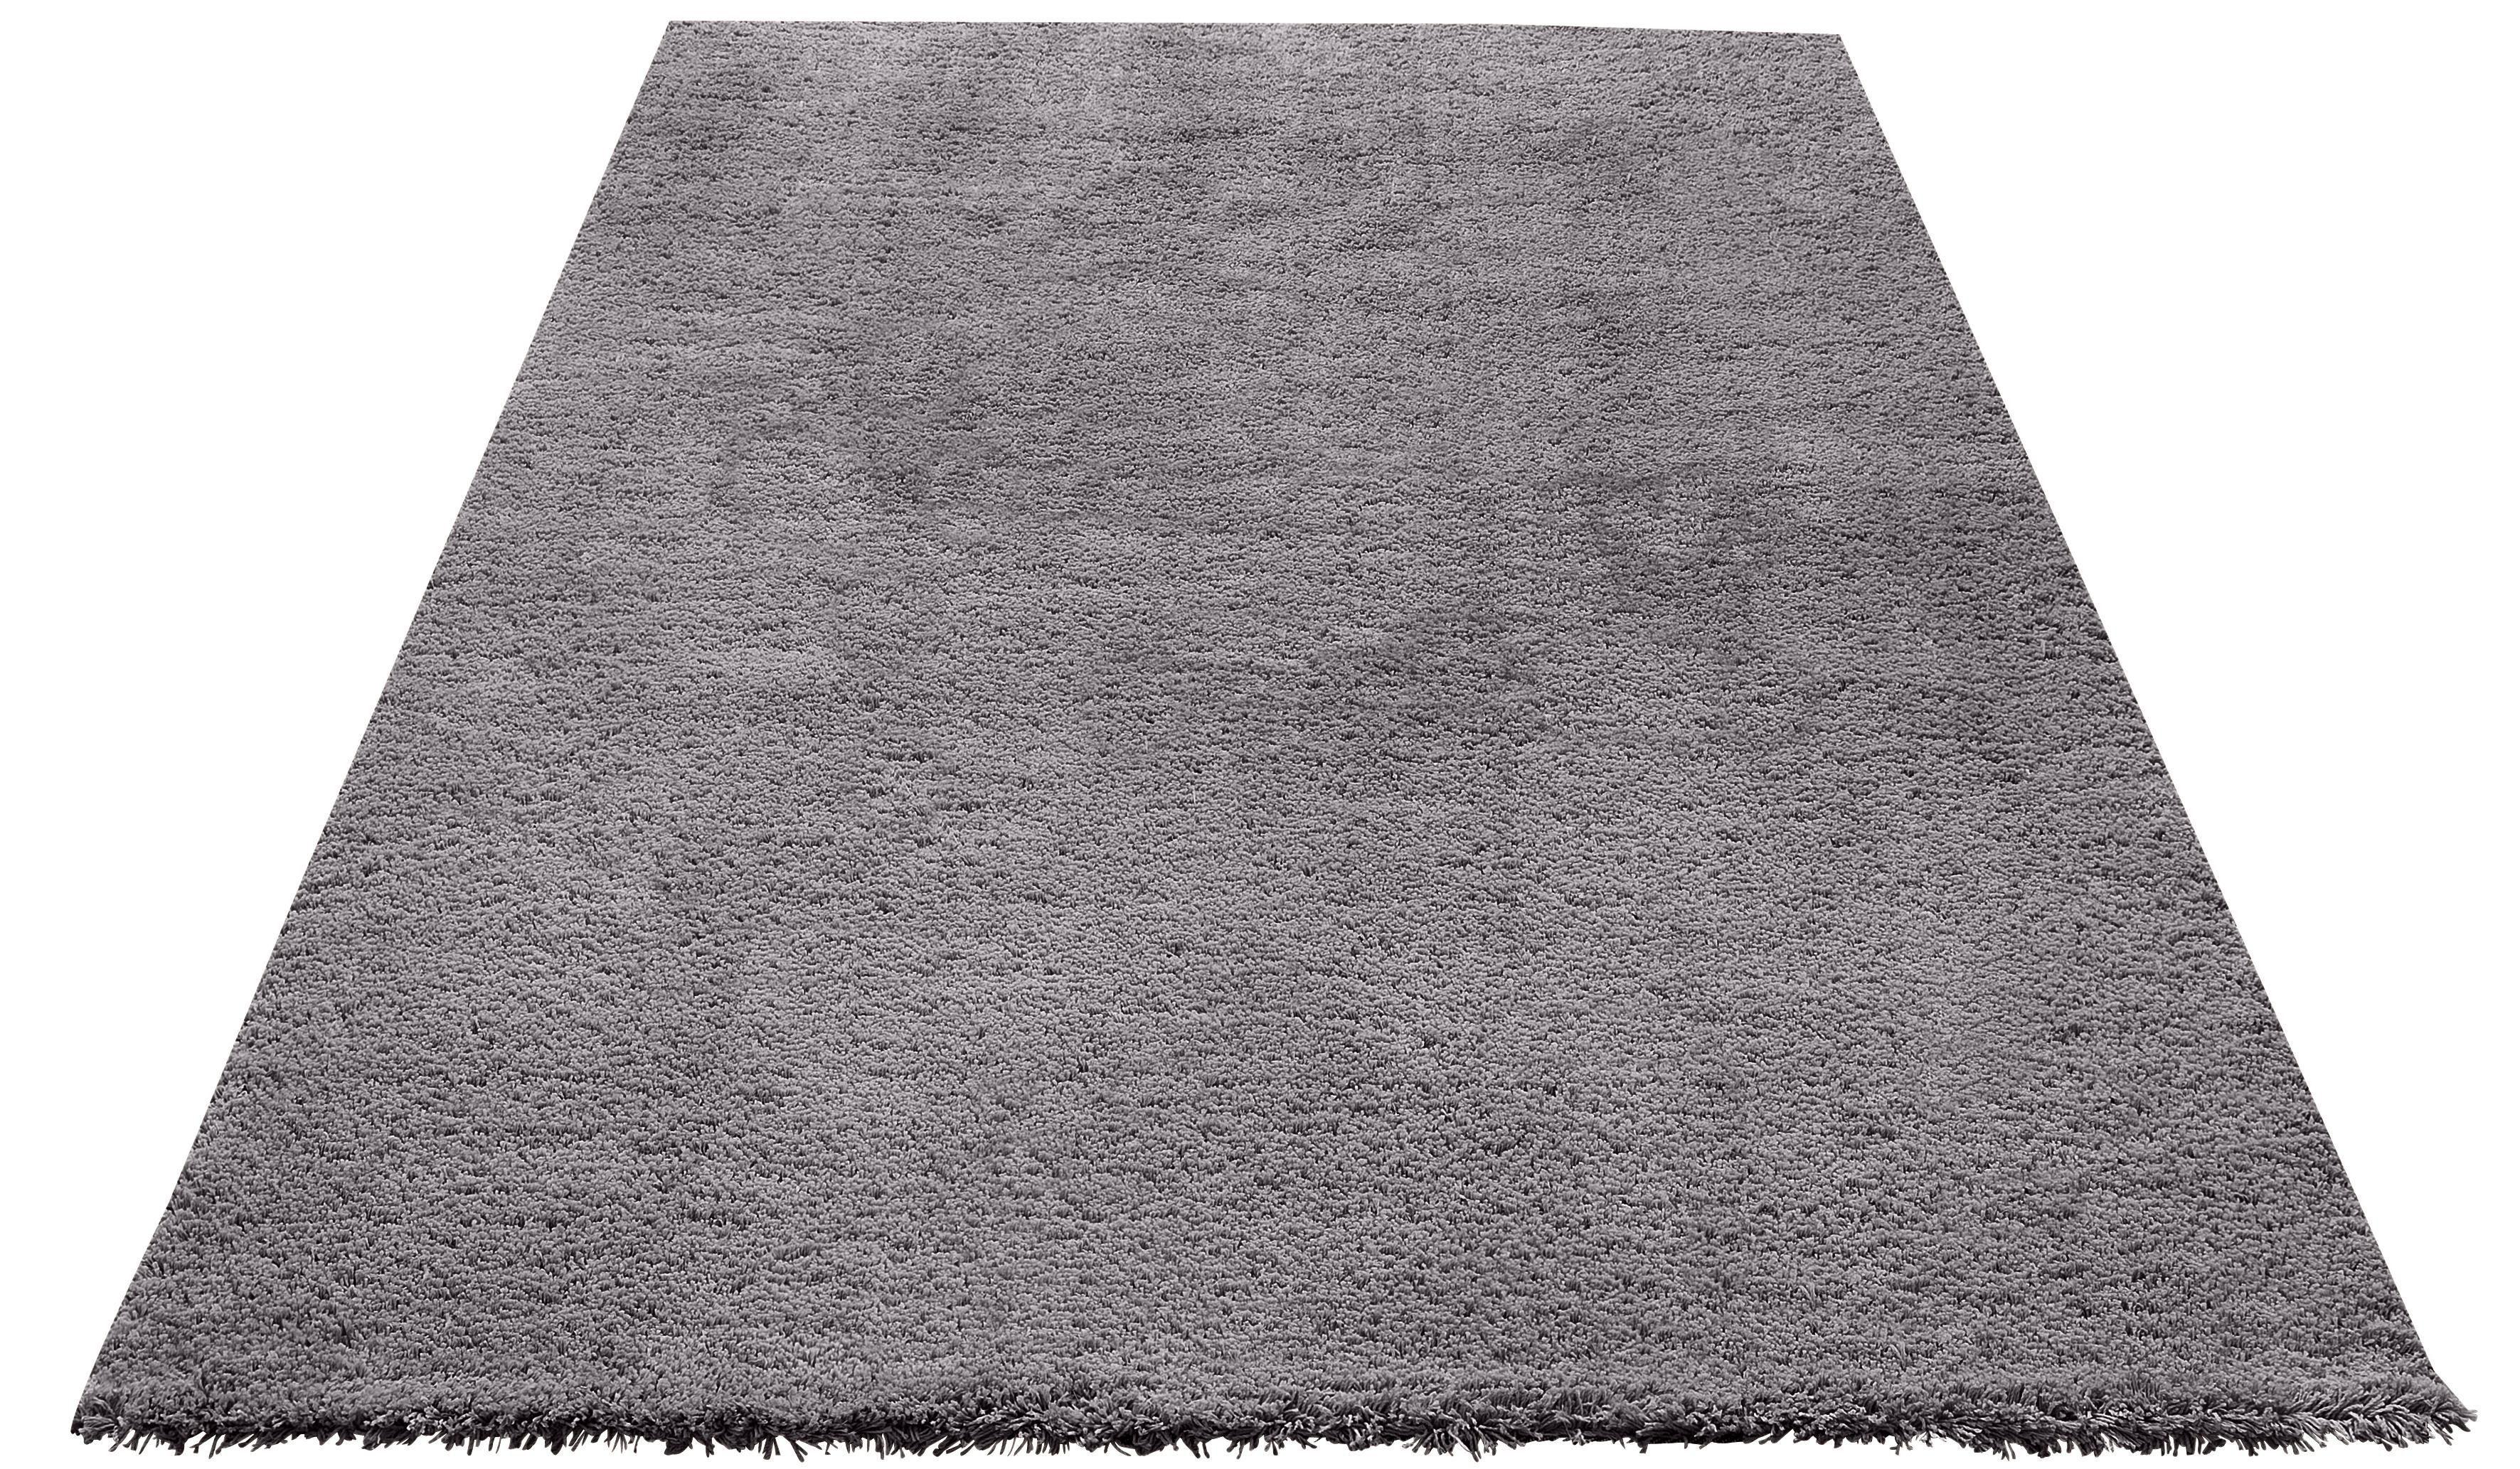 Fußboden Teppich Grau ~ Günstige teppiche kaufen reduziert im sale otto